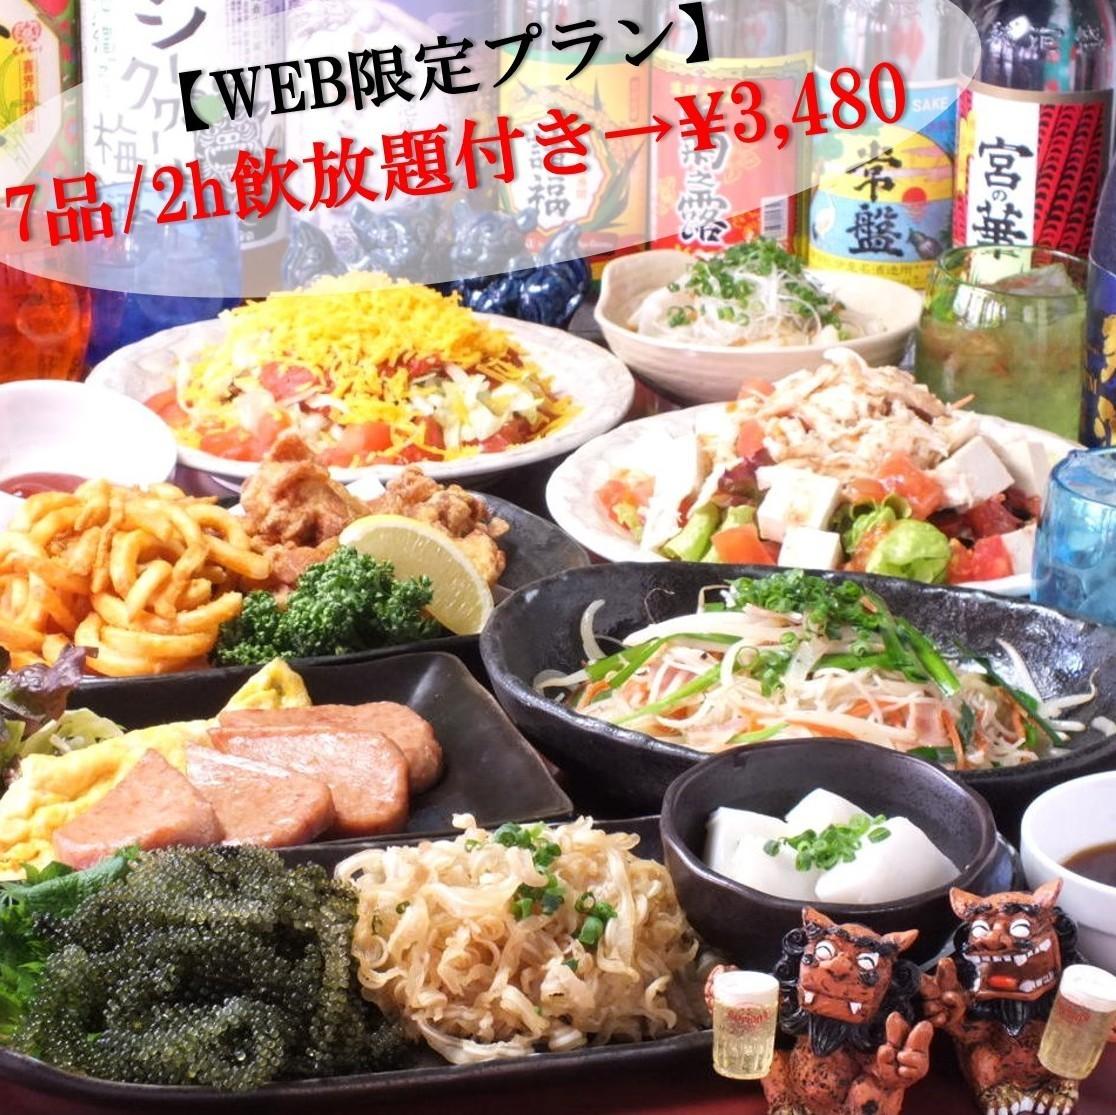 ☆网络限定套餐☆每人2小时免费饮用¥3480